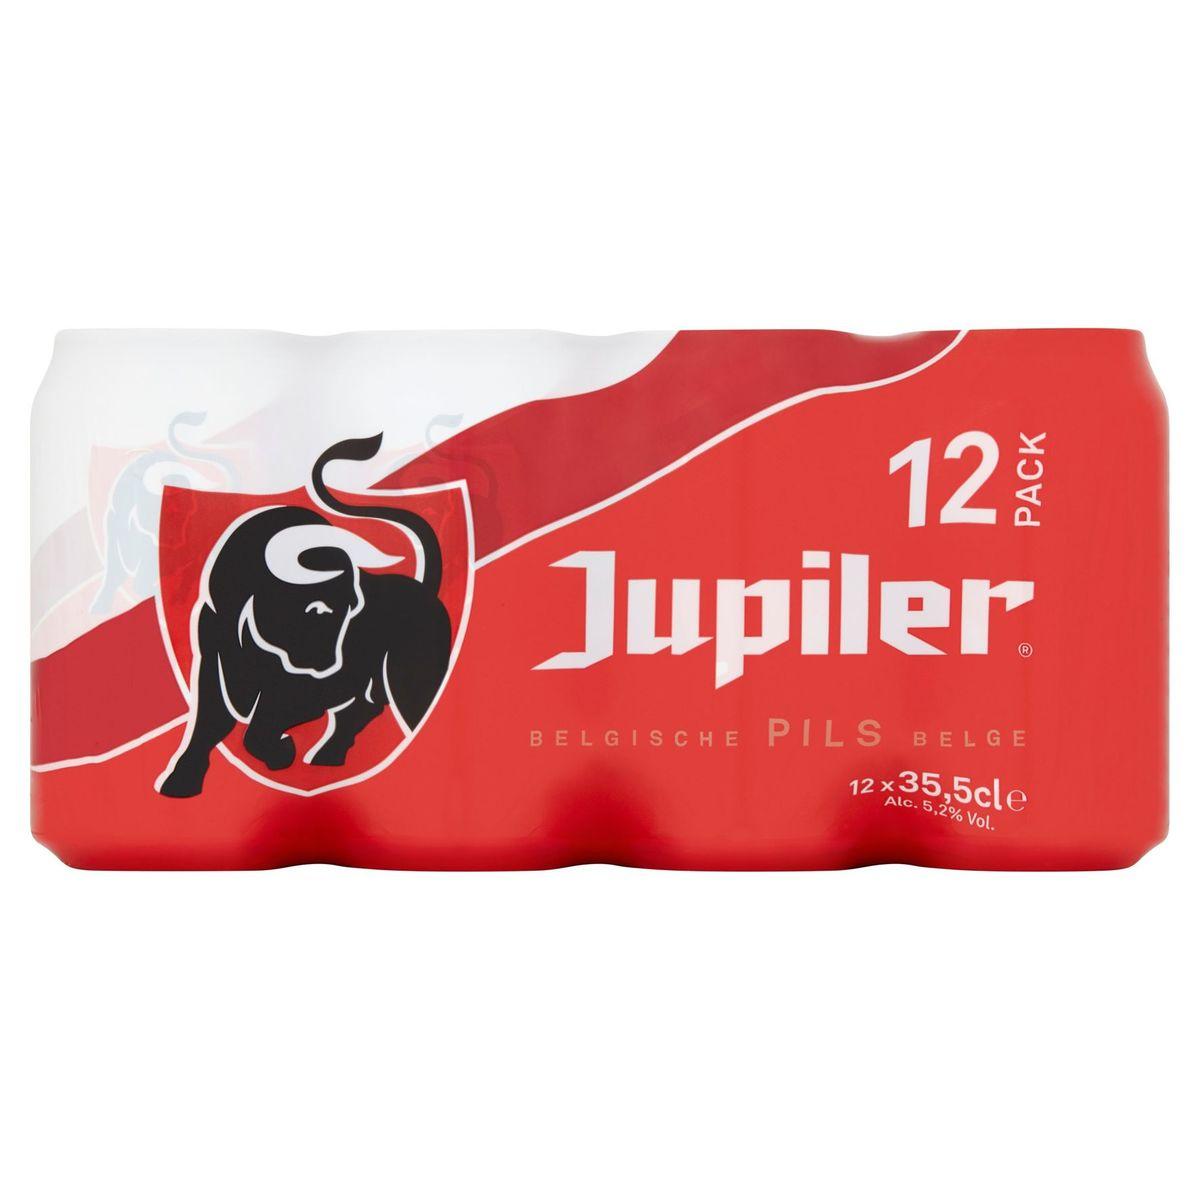 Jupiler Belgische Pils Blikken 12 x 35.5 cl